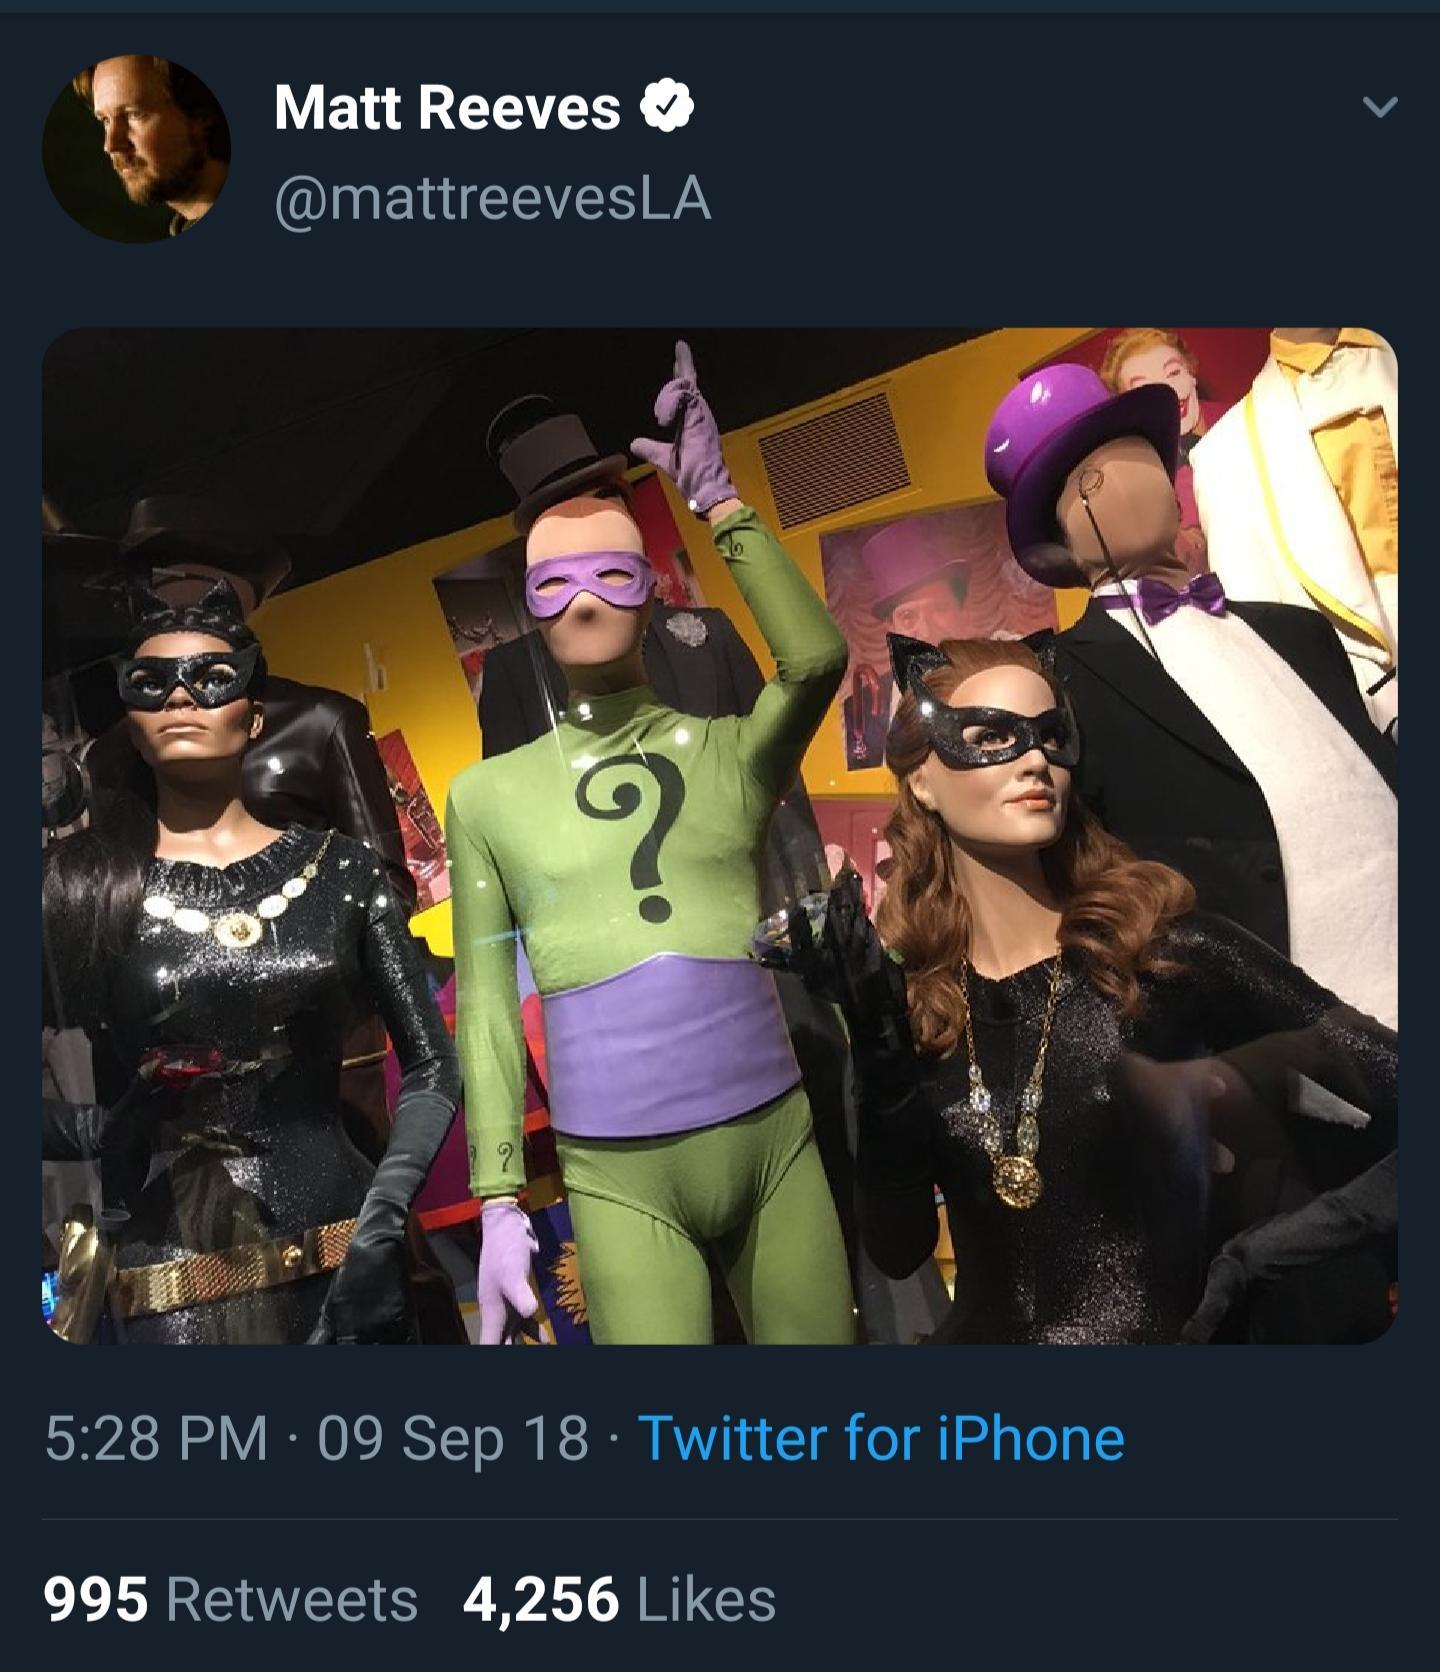 Matt Reeves tweeted this back in September 2018